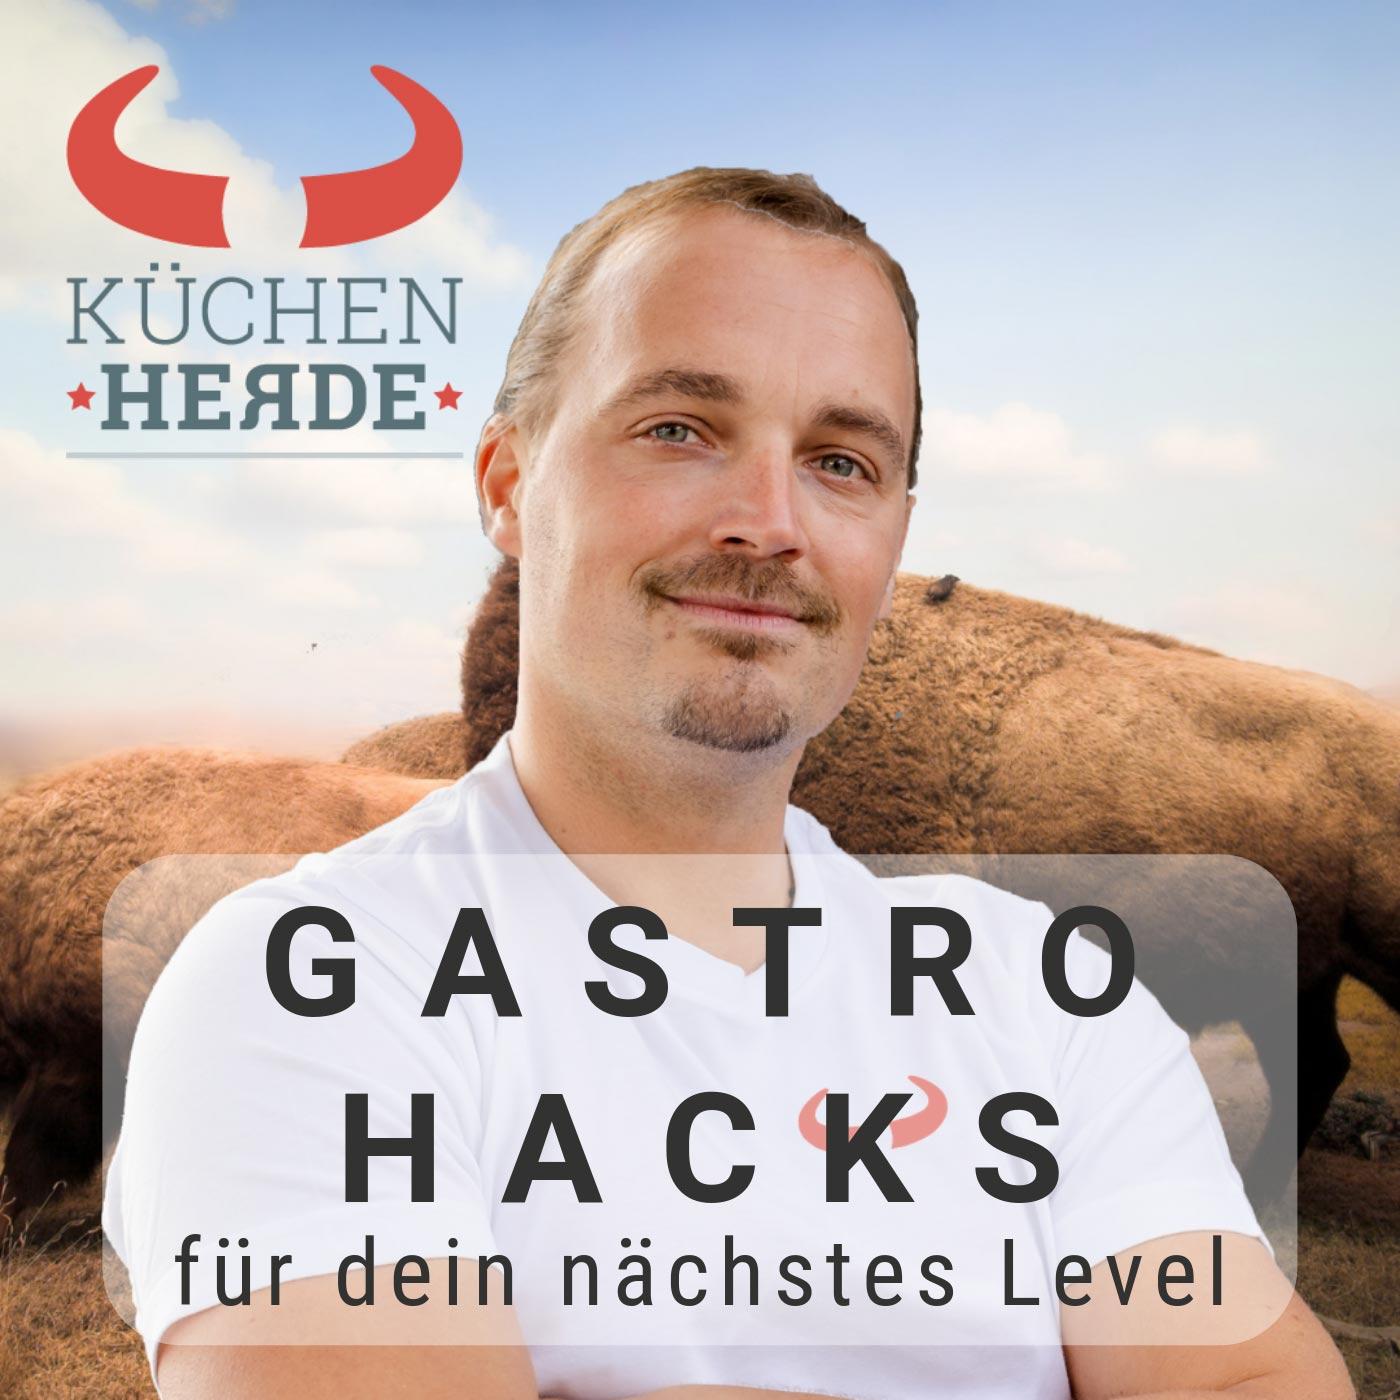 Podcast-Cover Küchenherde